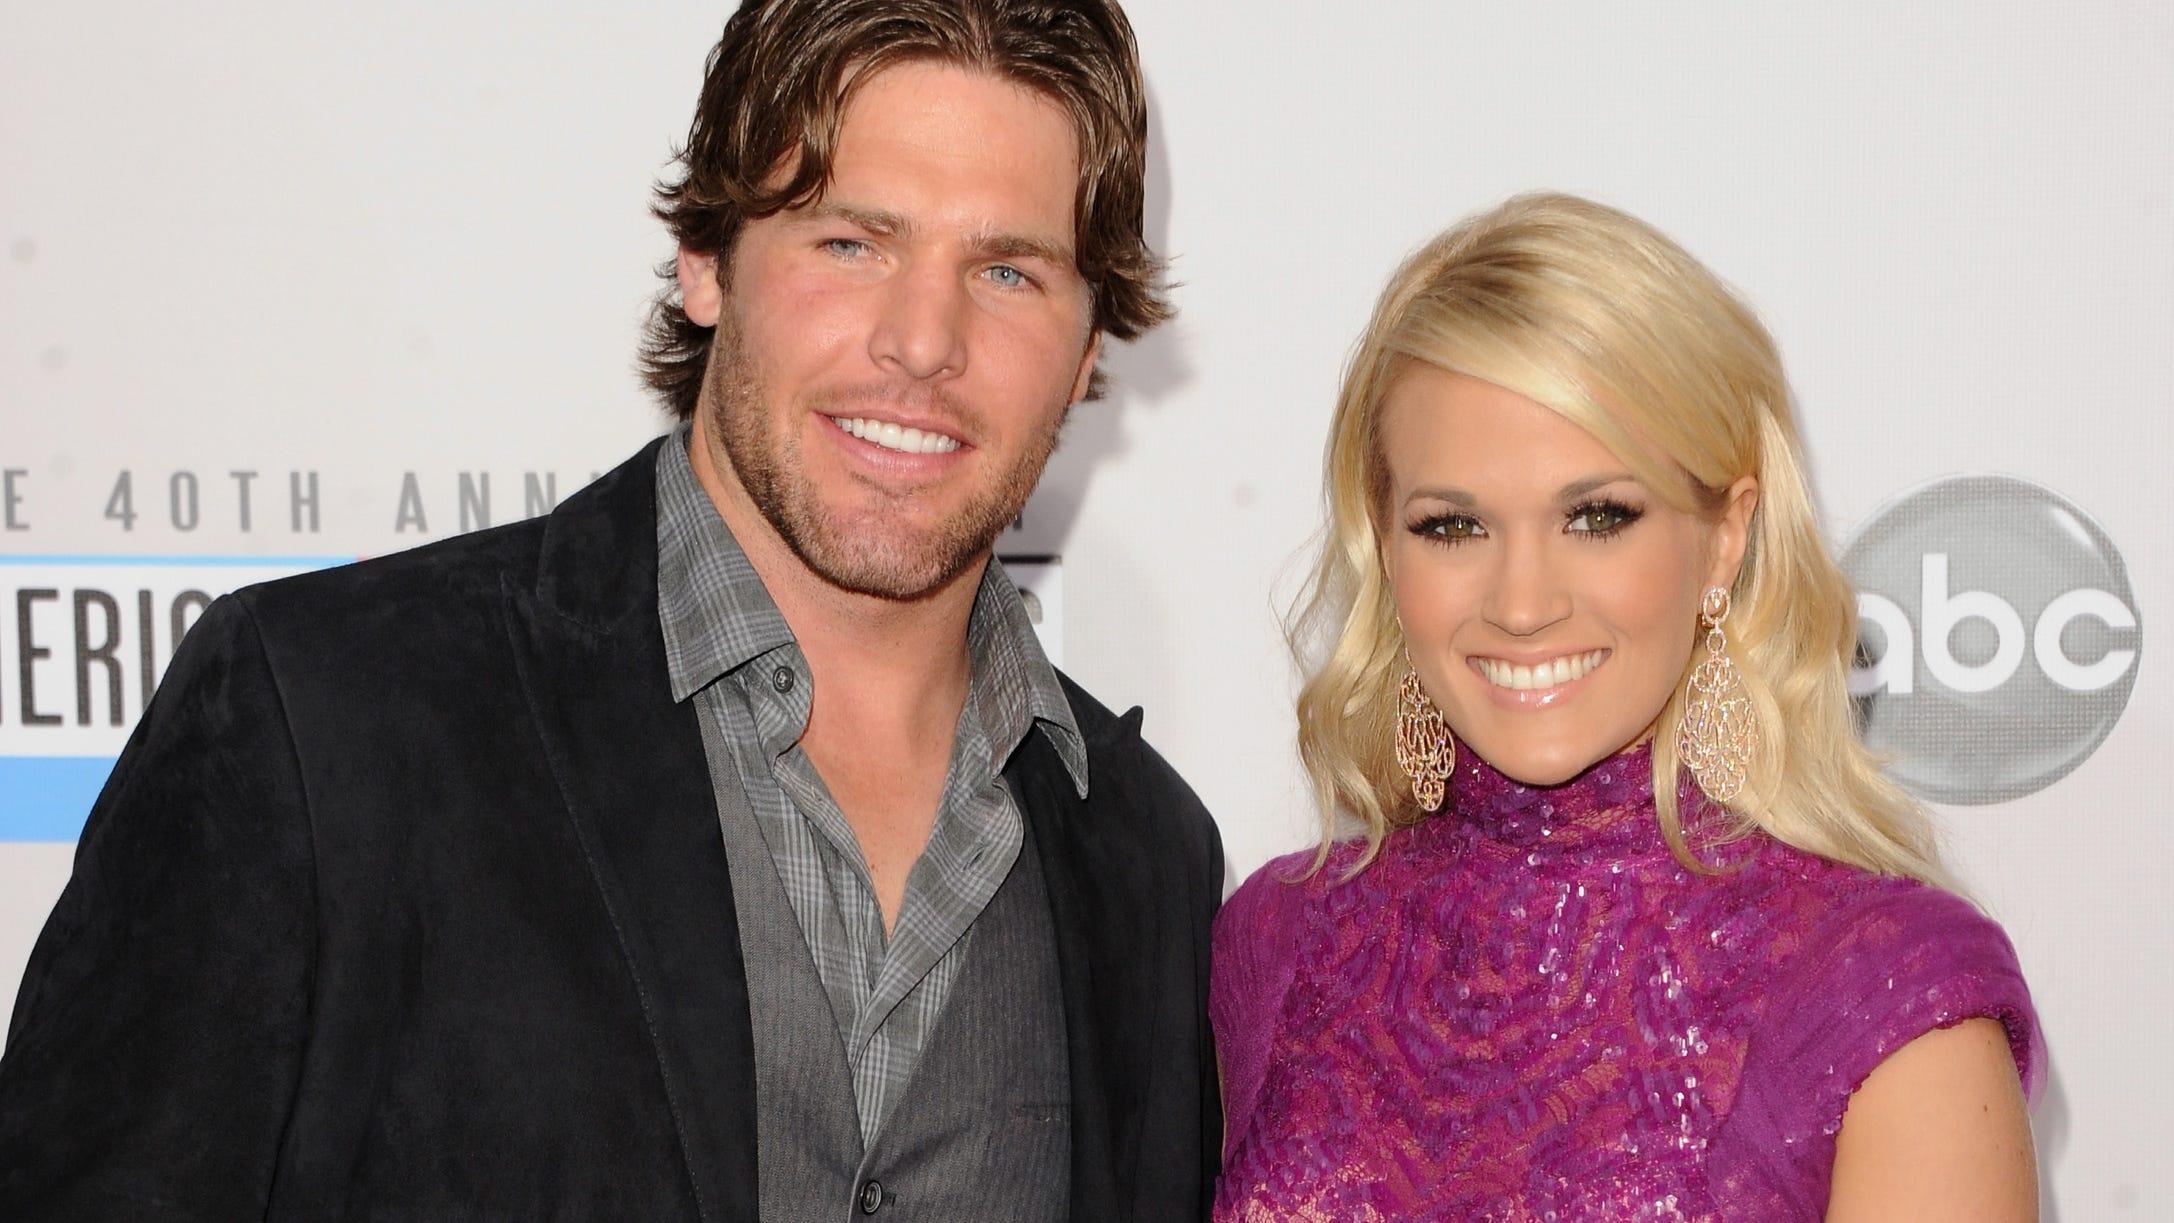 Som är Carrie Underwood dating 2012